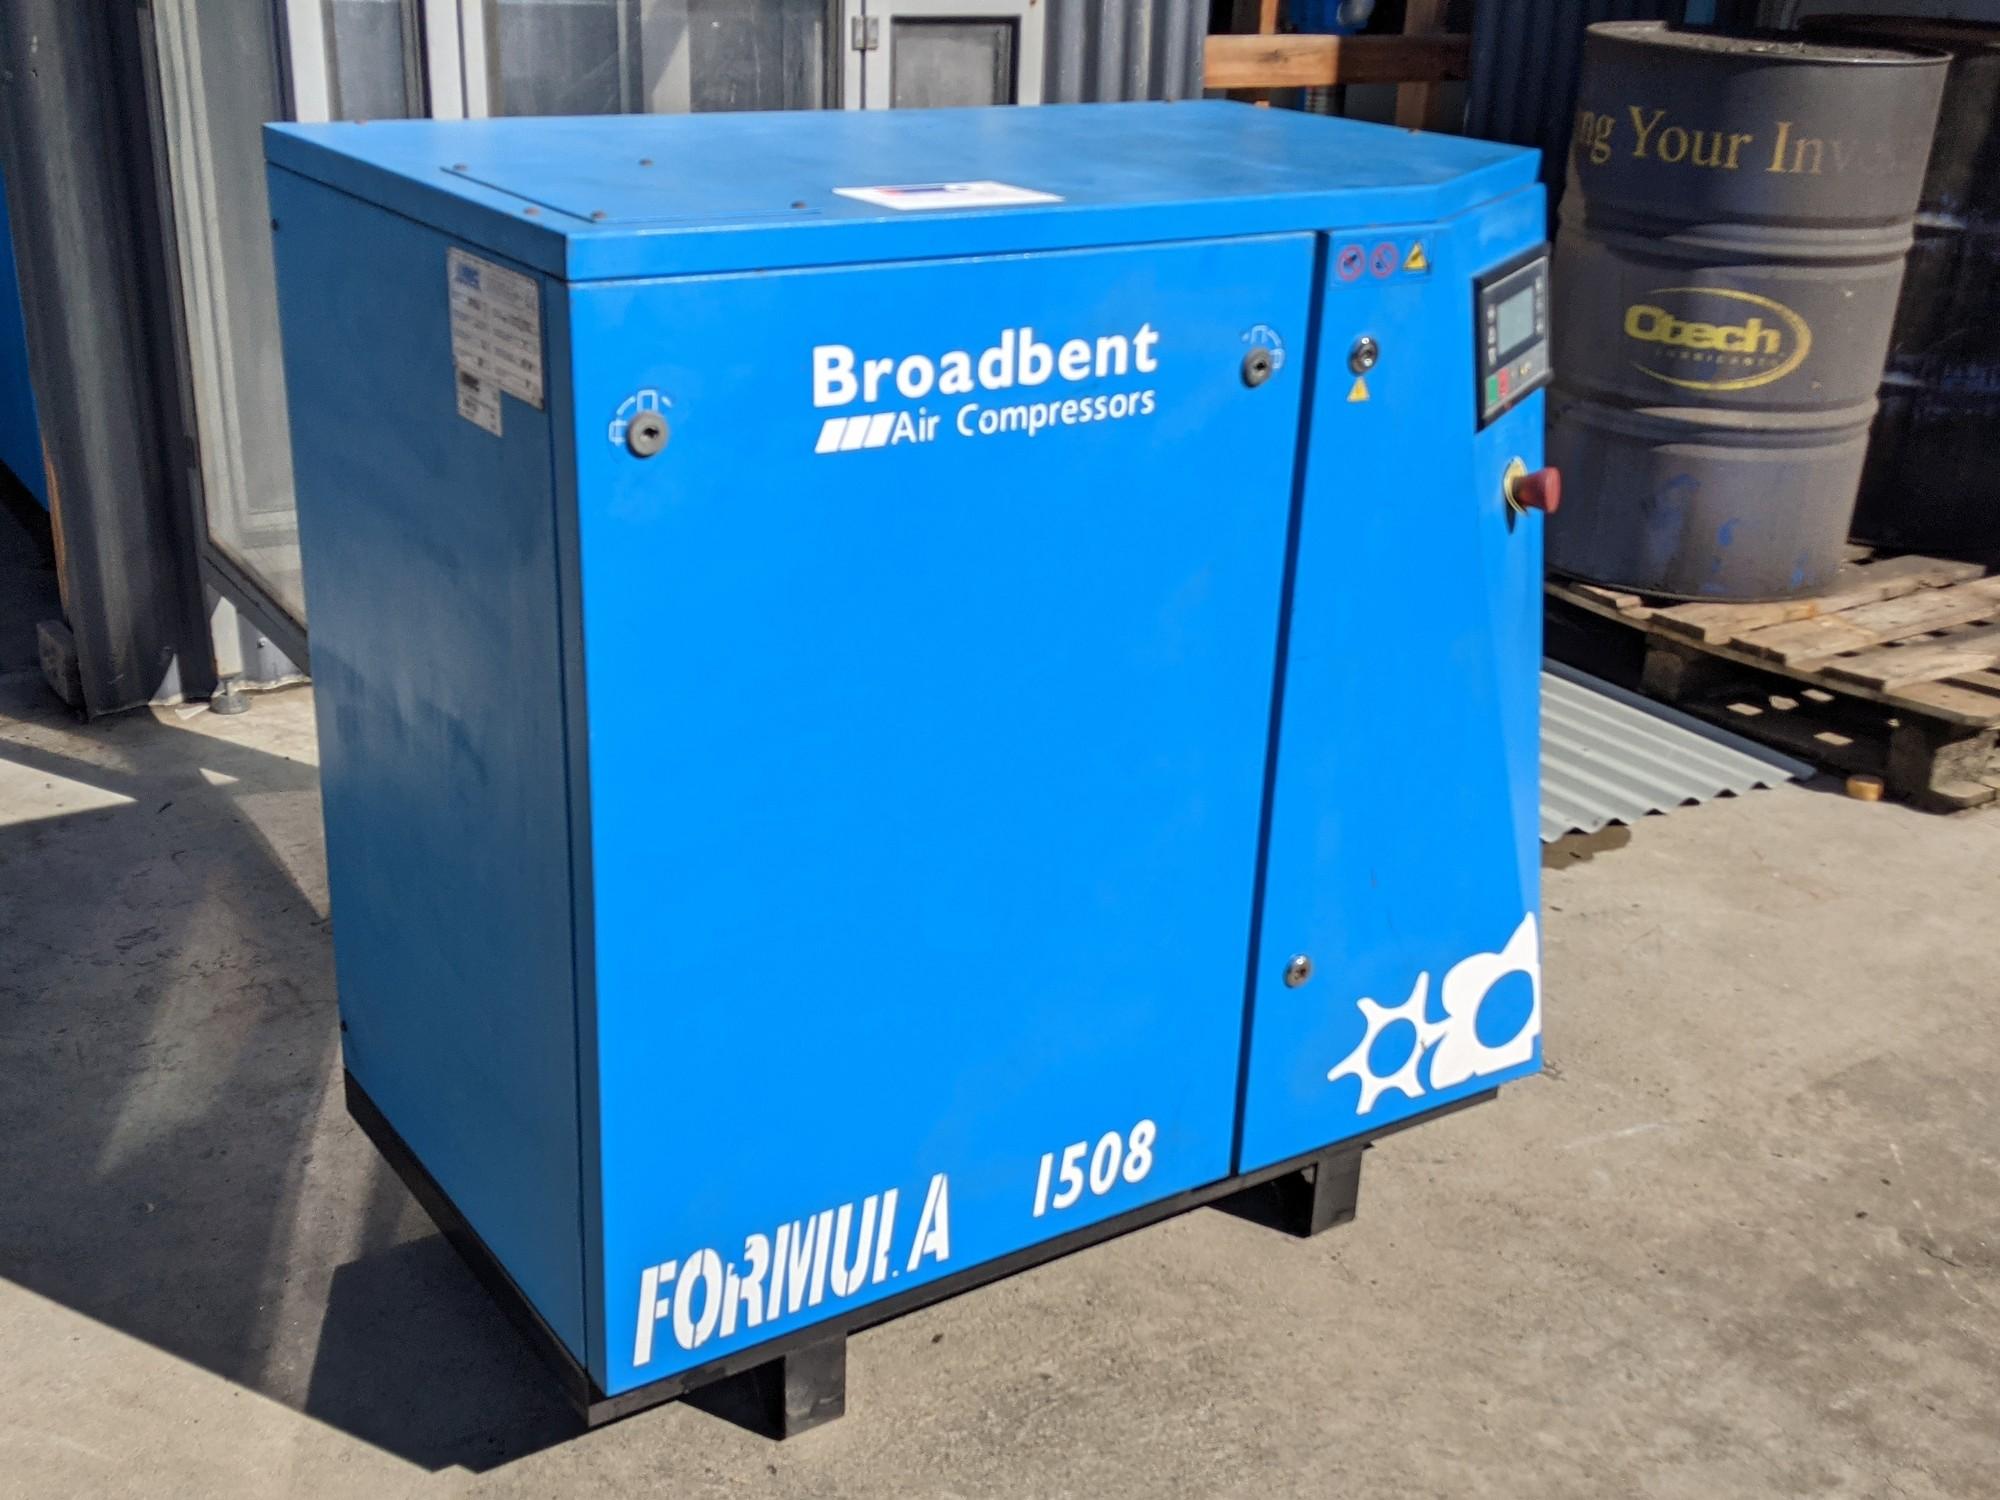 Broadbent Formula 1508 Air Compressor